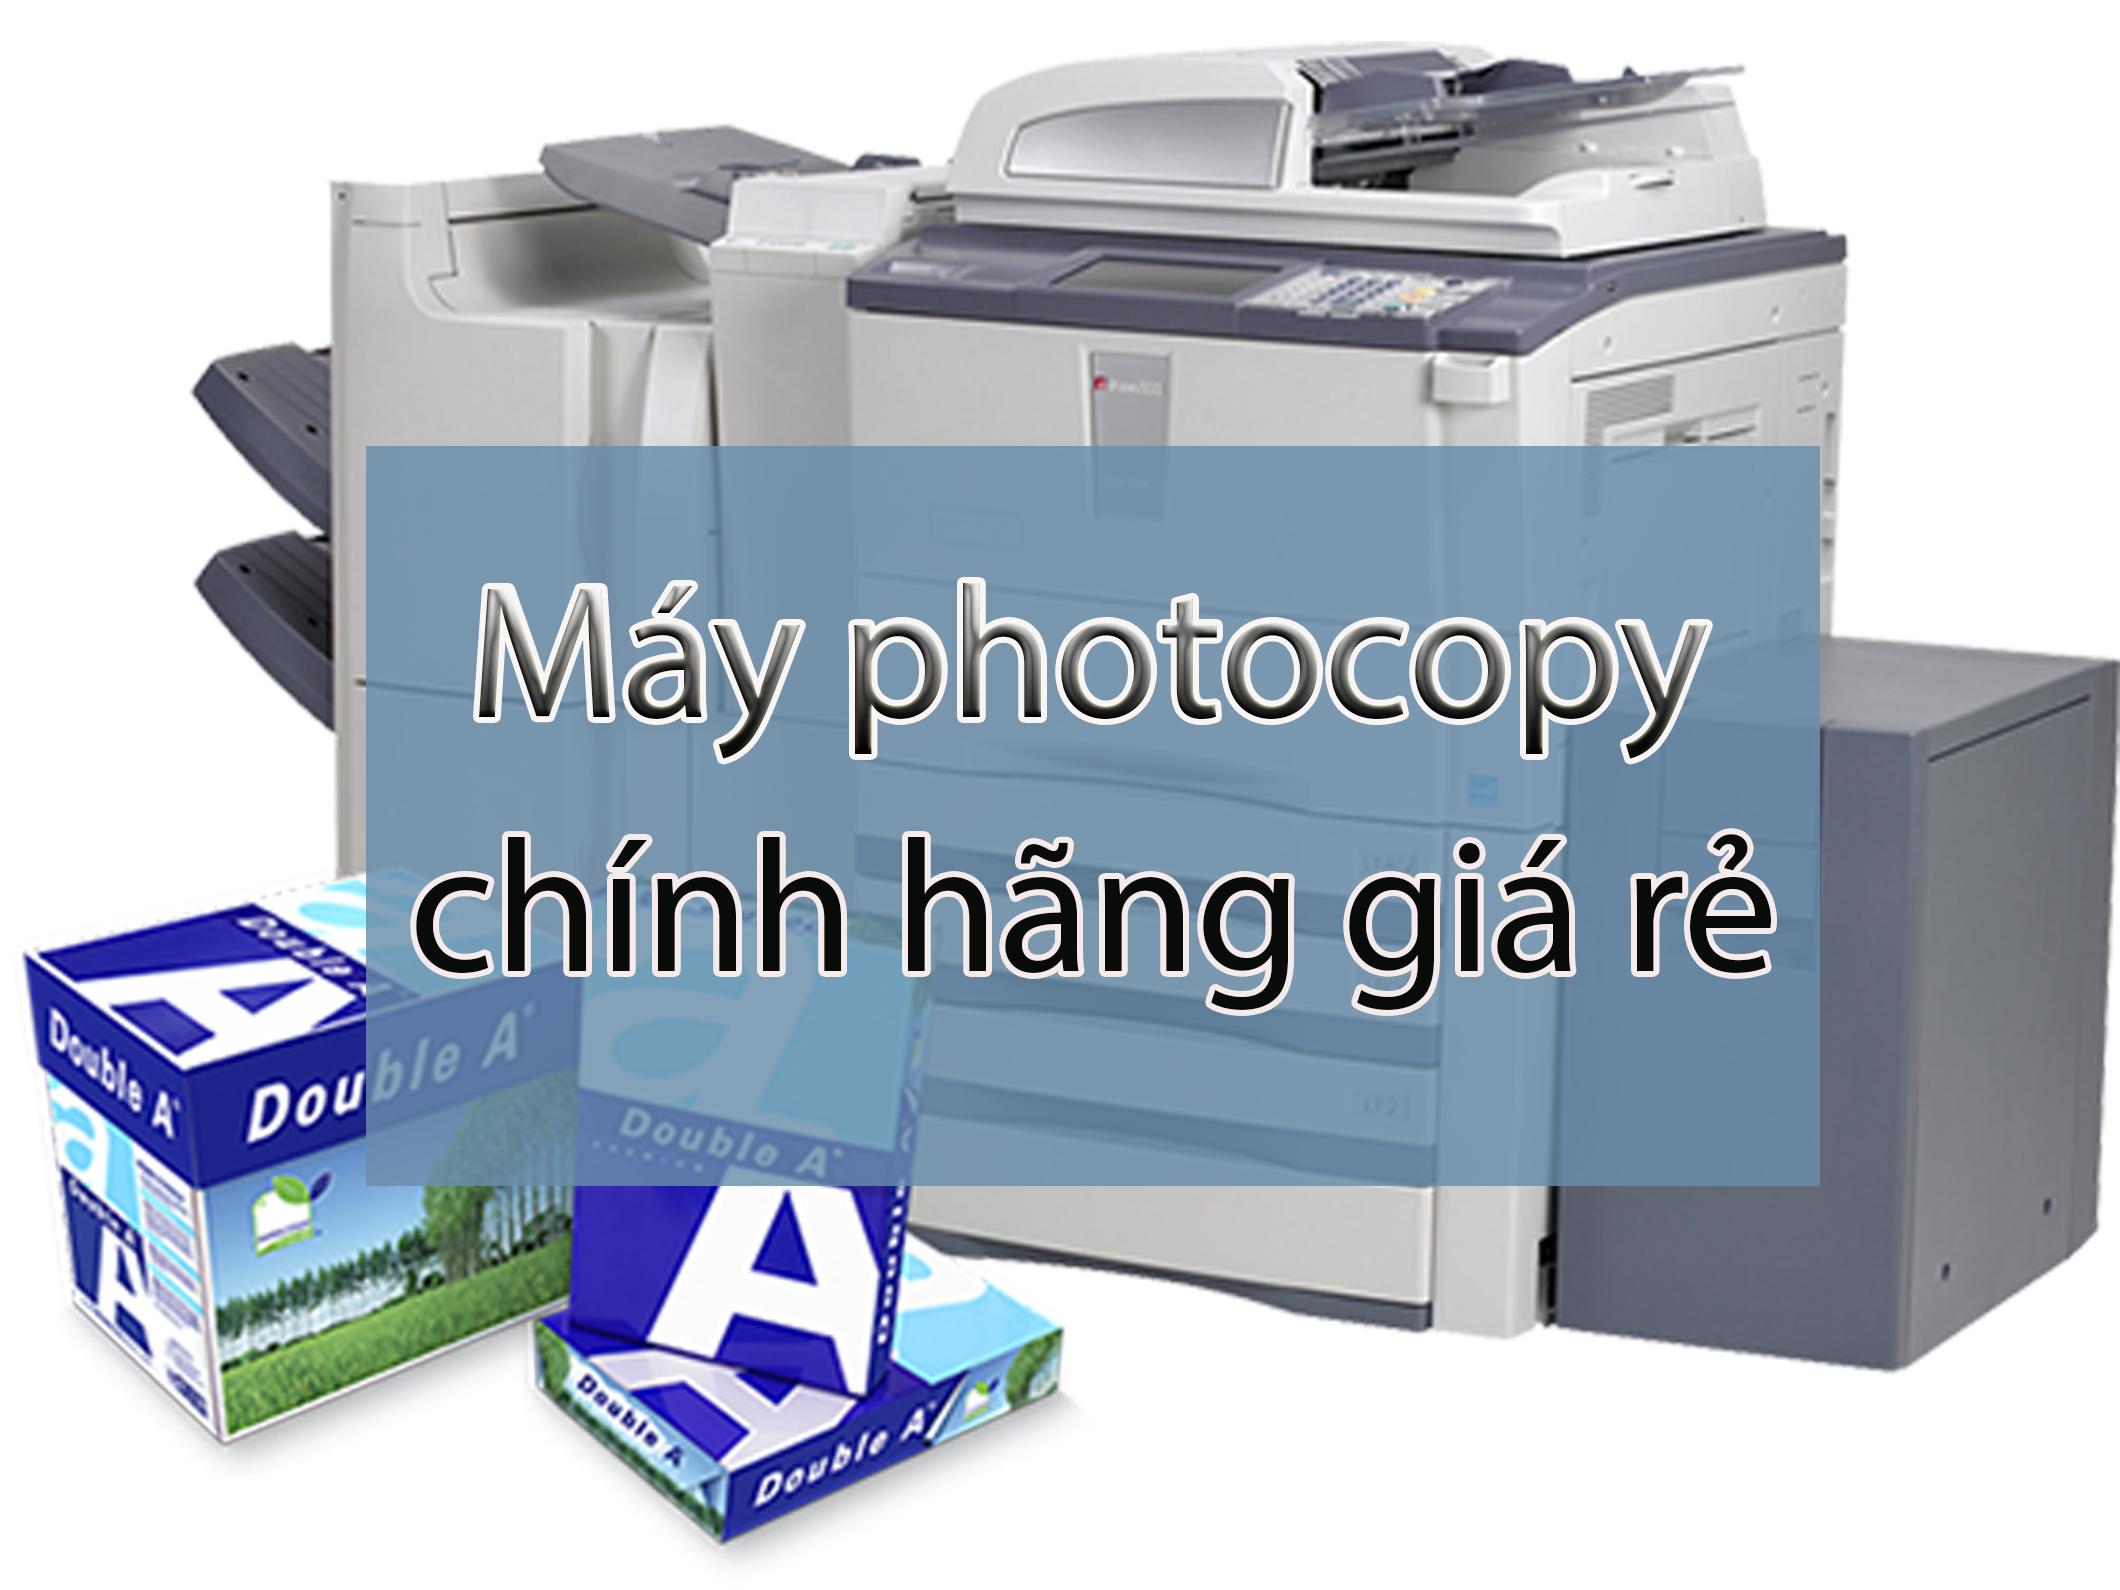 Máy photo chính hãng | Máy photocopy chính hãng giá rẻ